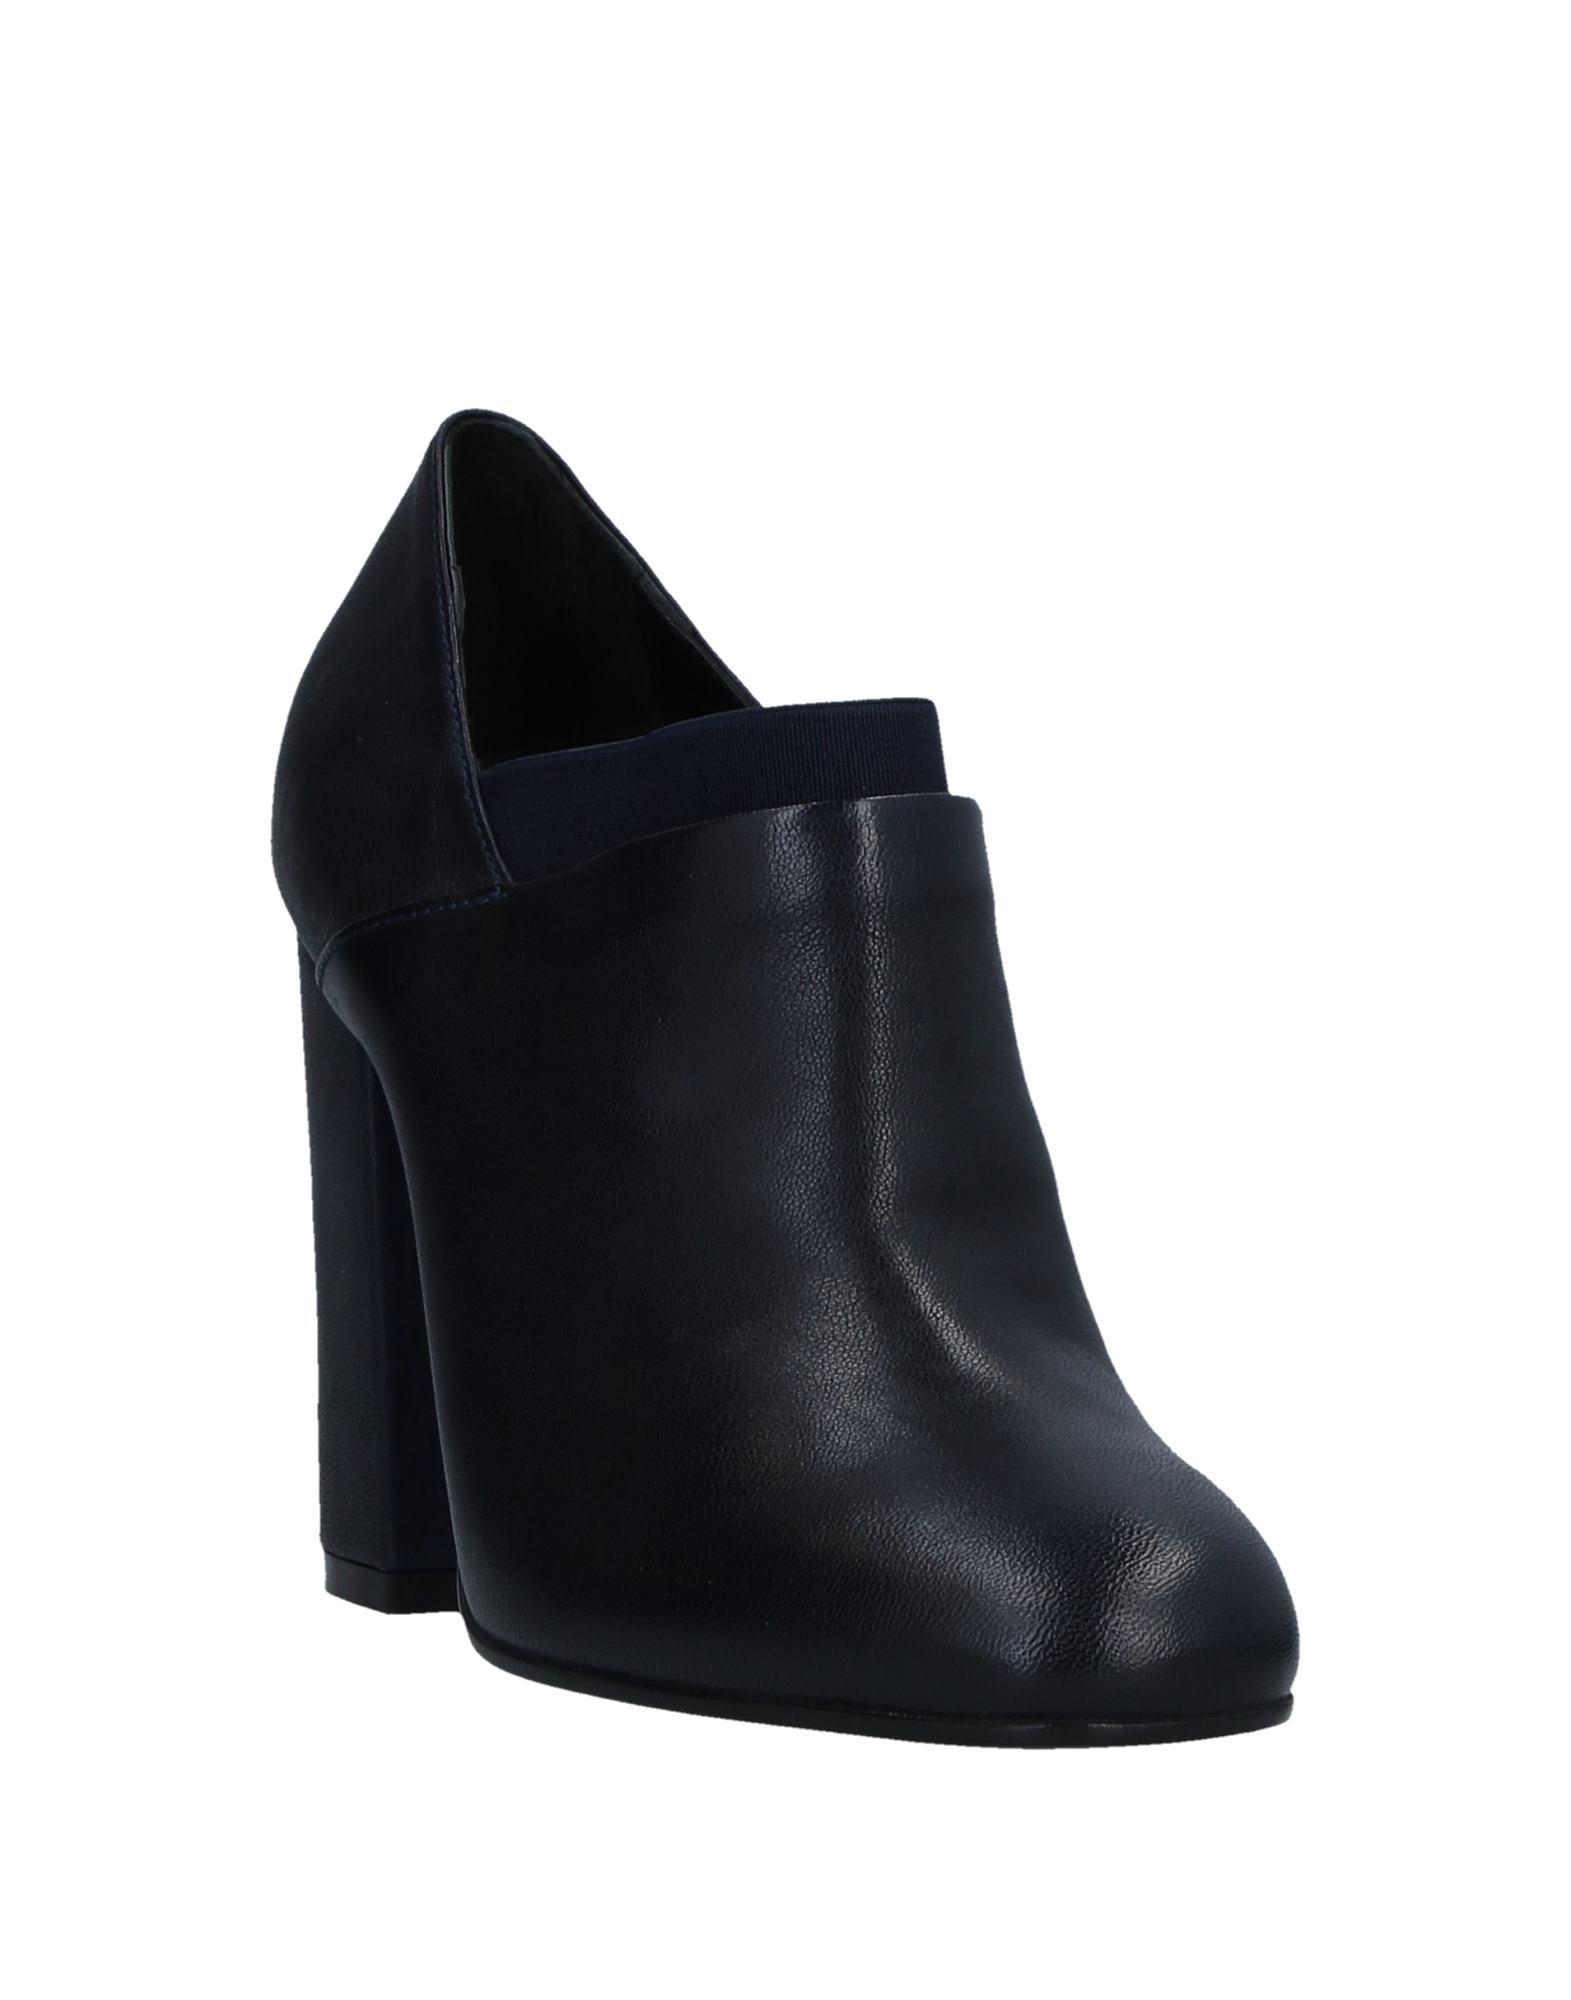 Gut um billige Damen Schuhe zu tragenFiorifrancesi Stiefelette Damen billige  11522017HR 891279